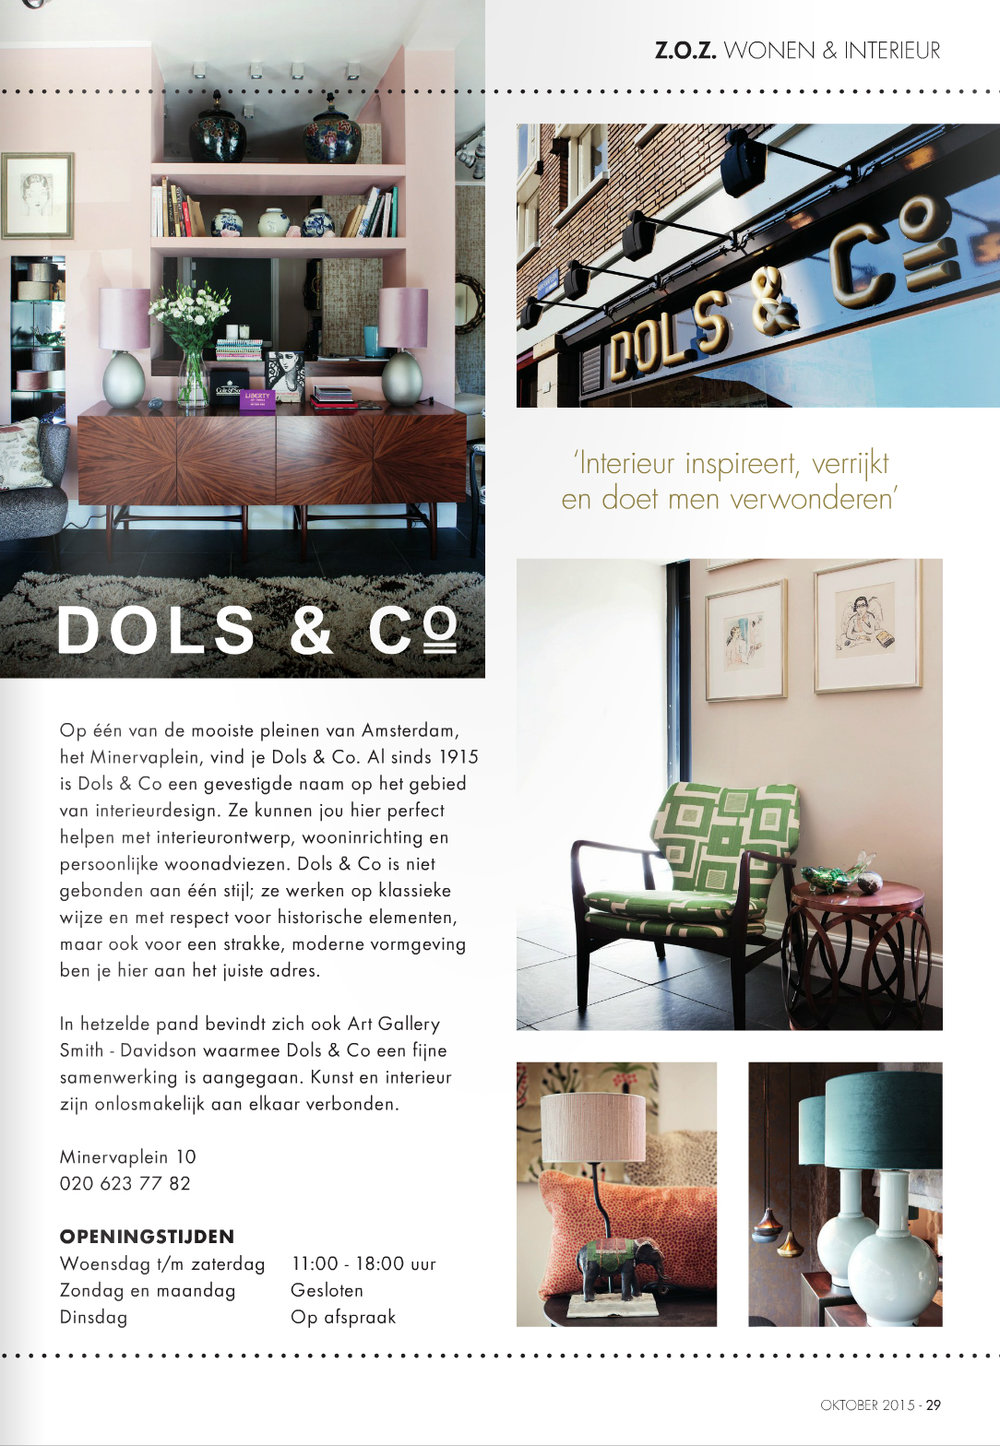 Z.O.Z.-artikel-oktober-2015-Dols-Co.jpg